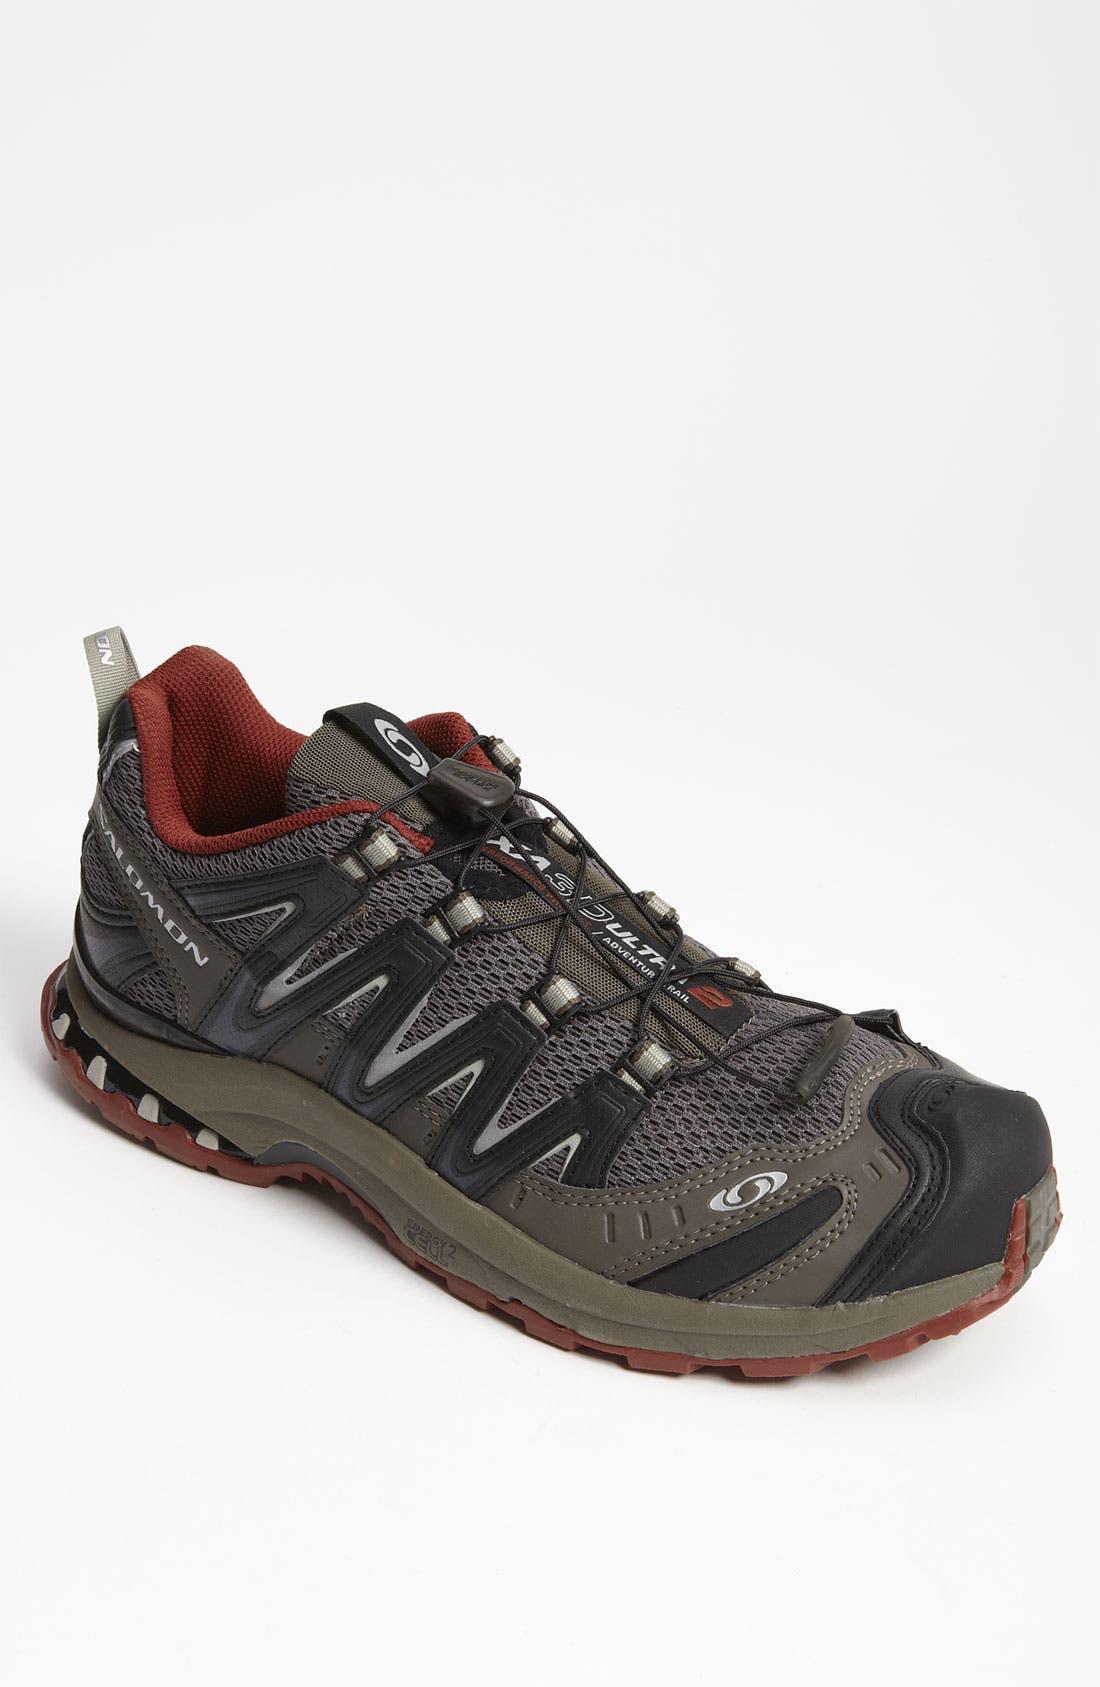 Alternate Image 1 Selected - Salomon 'XA Pro 3D' Running Shoe (Men)